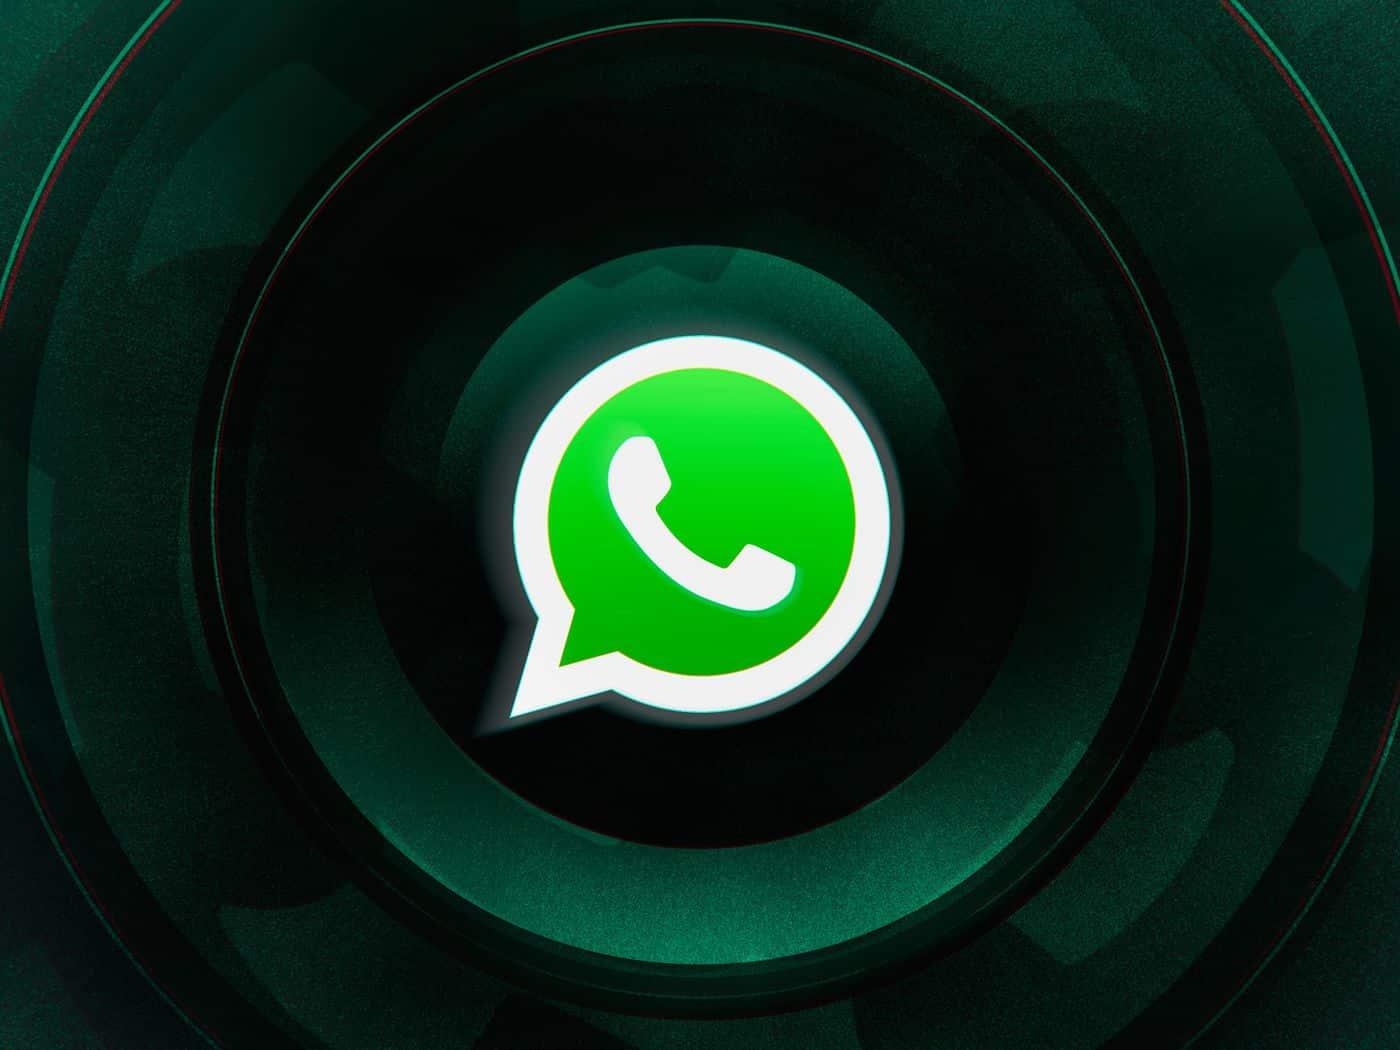 WhatsApp-Aero-Info-Fitur-Kelebihan-Kekurangan-Link-Download-serta-Hal-Menarik-Lainnya